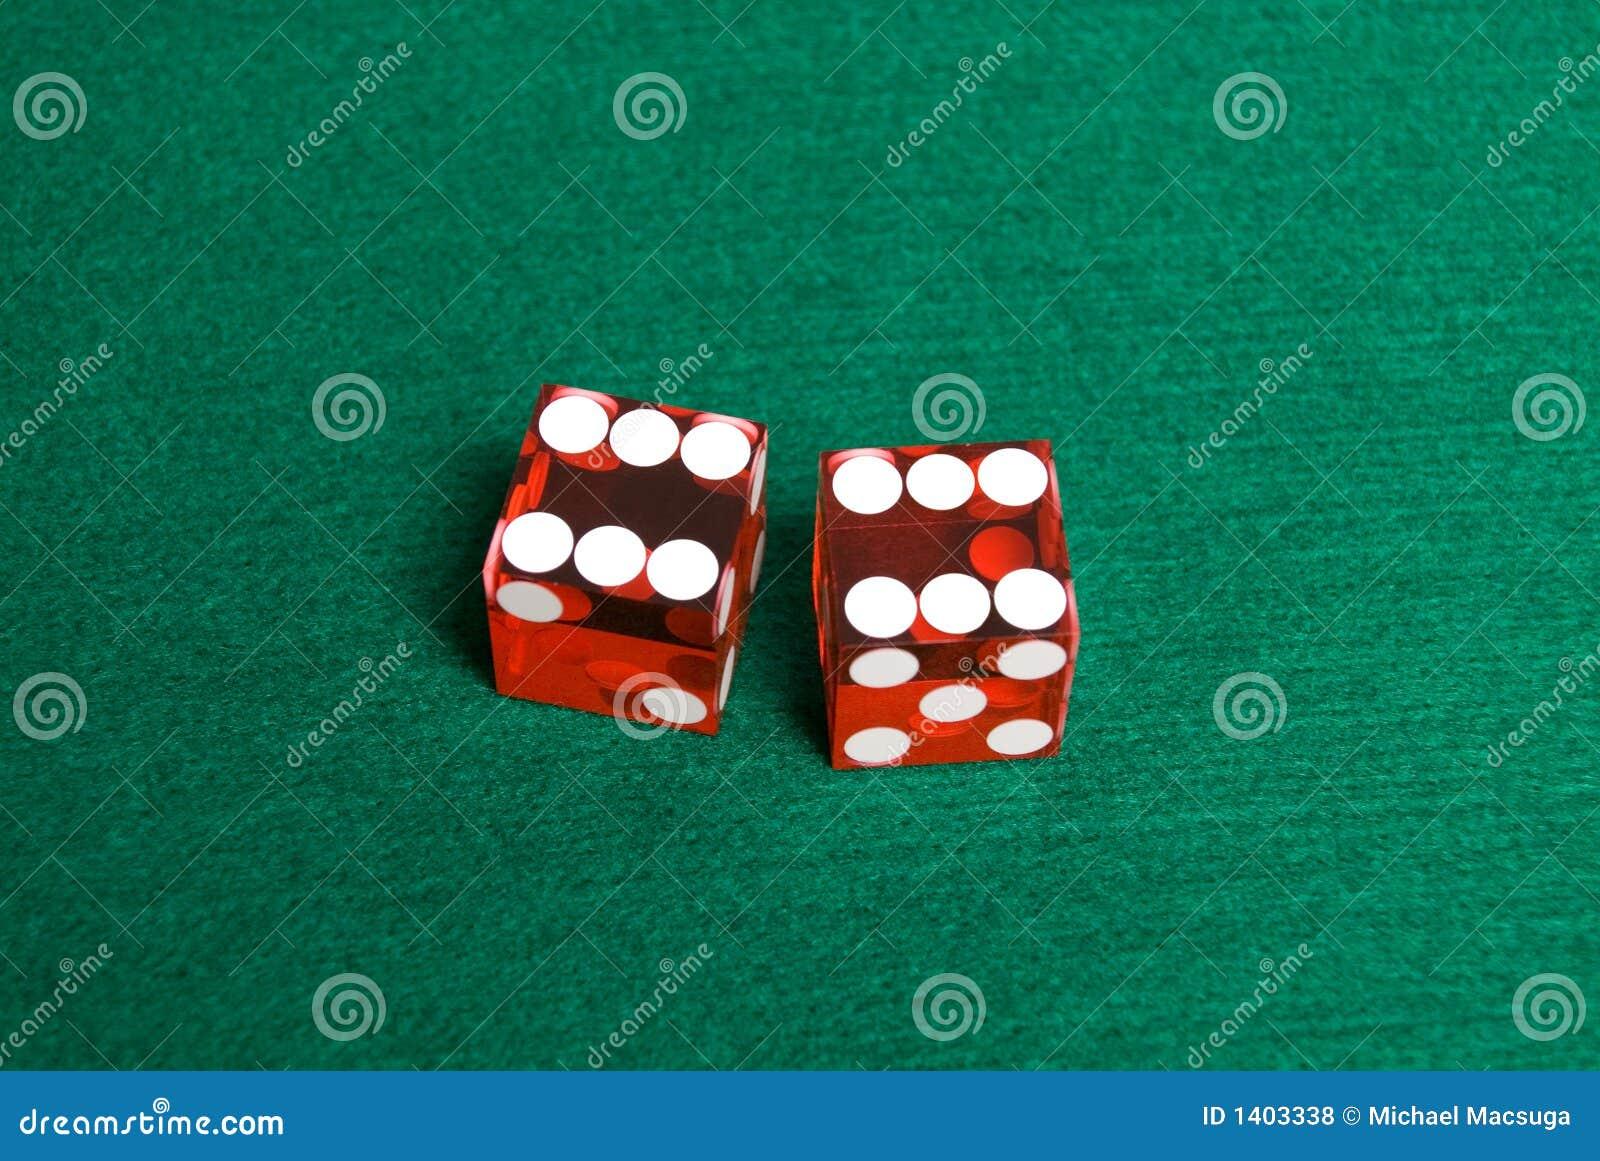 casino free movie online online dice